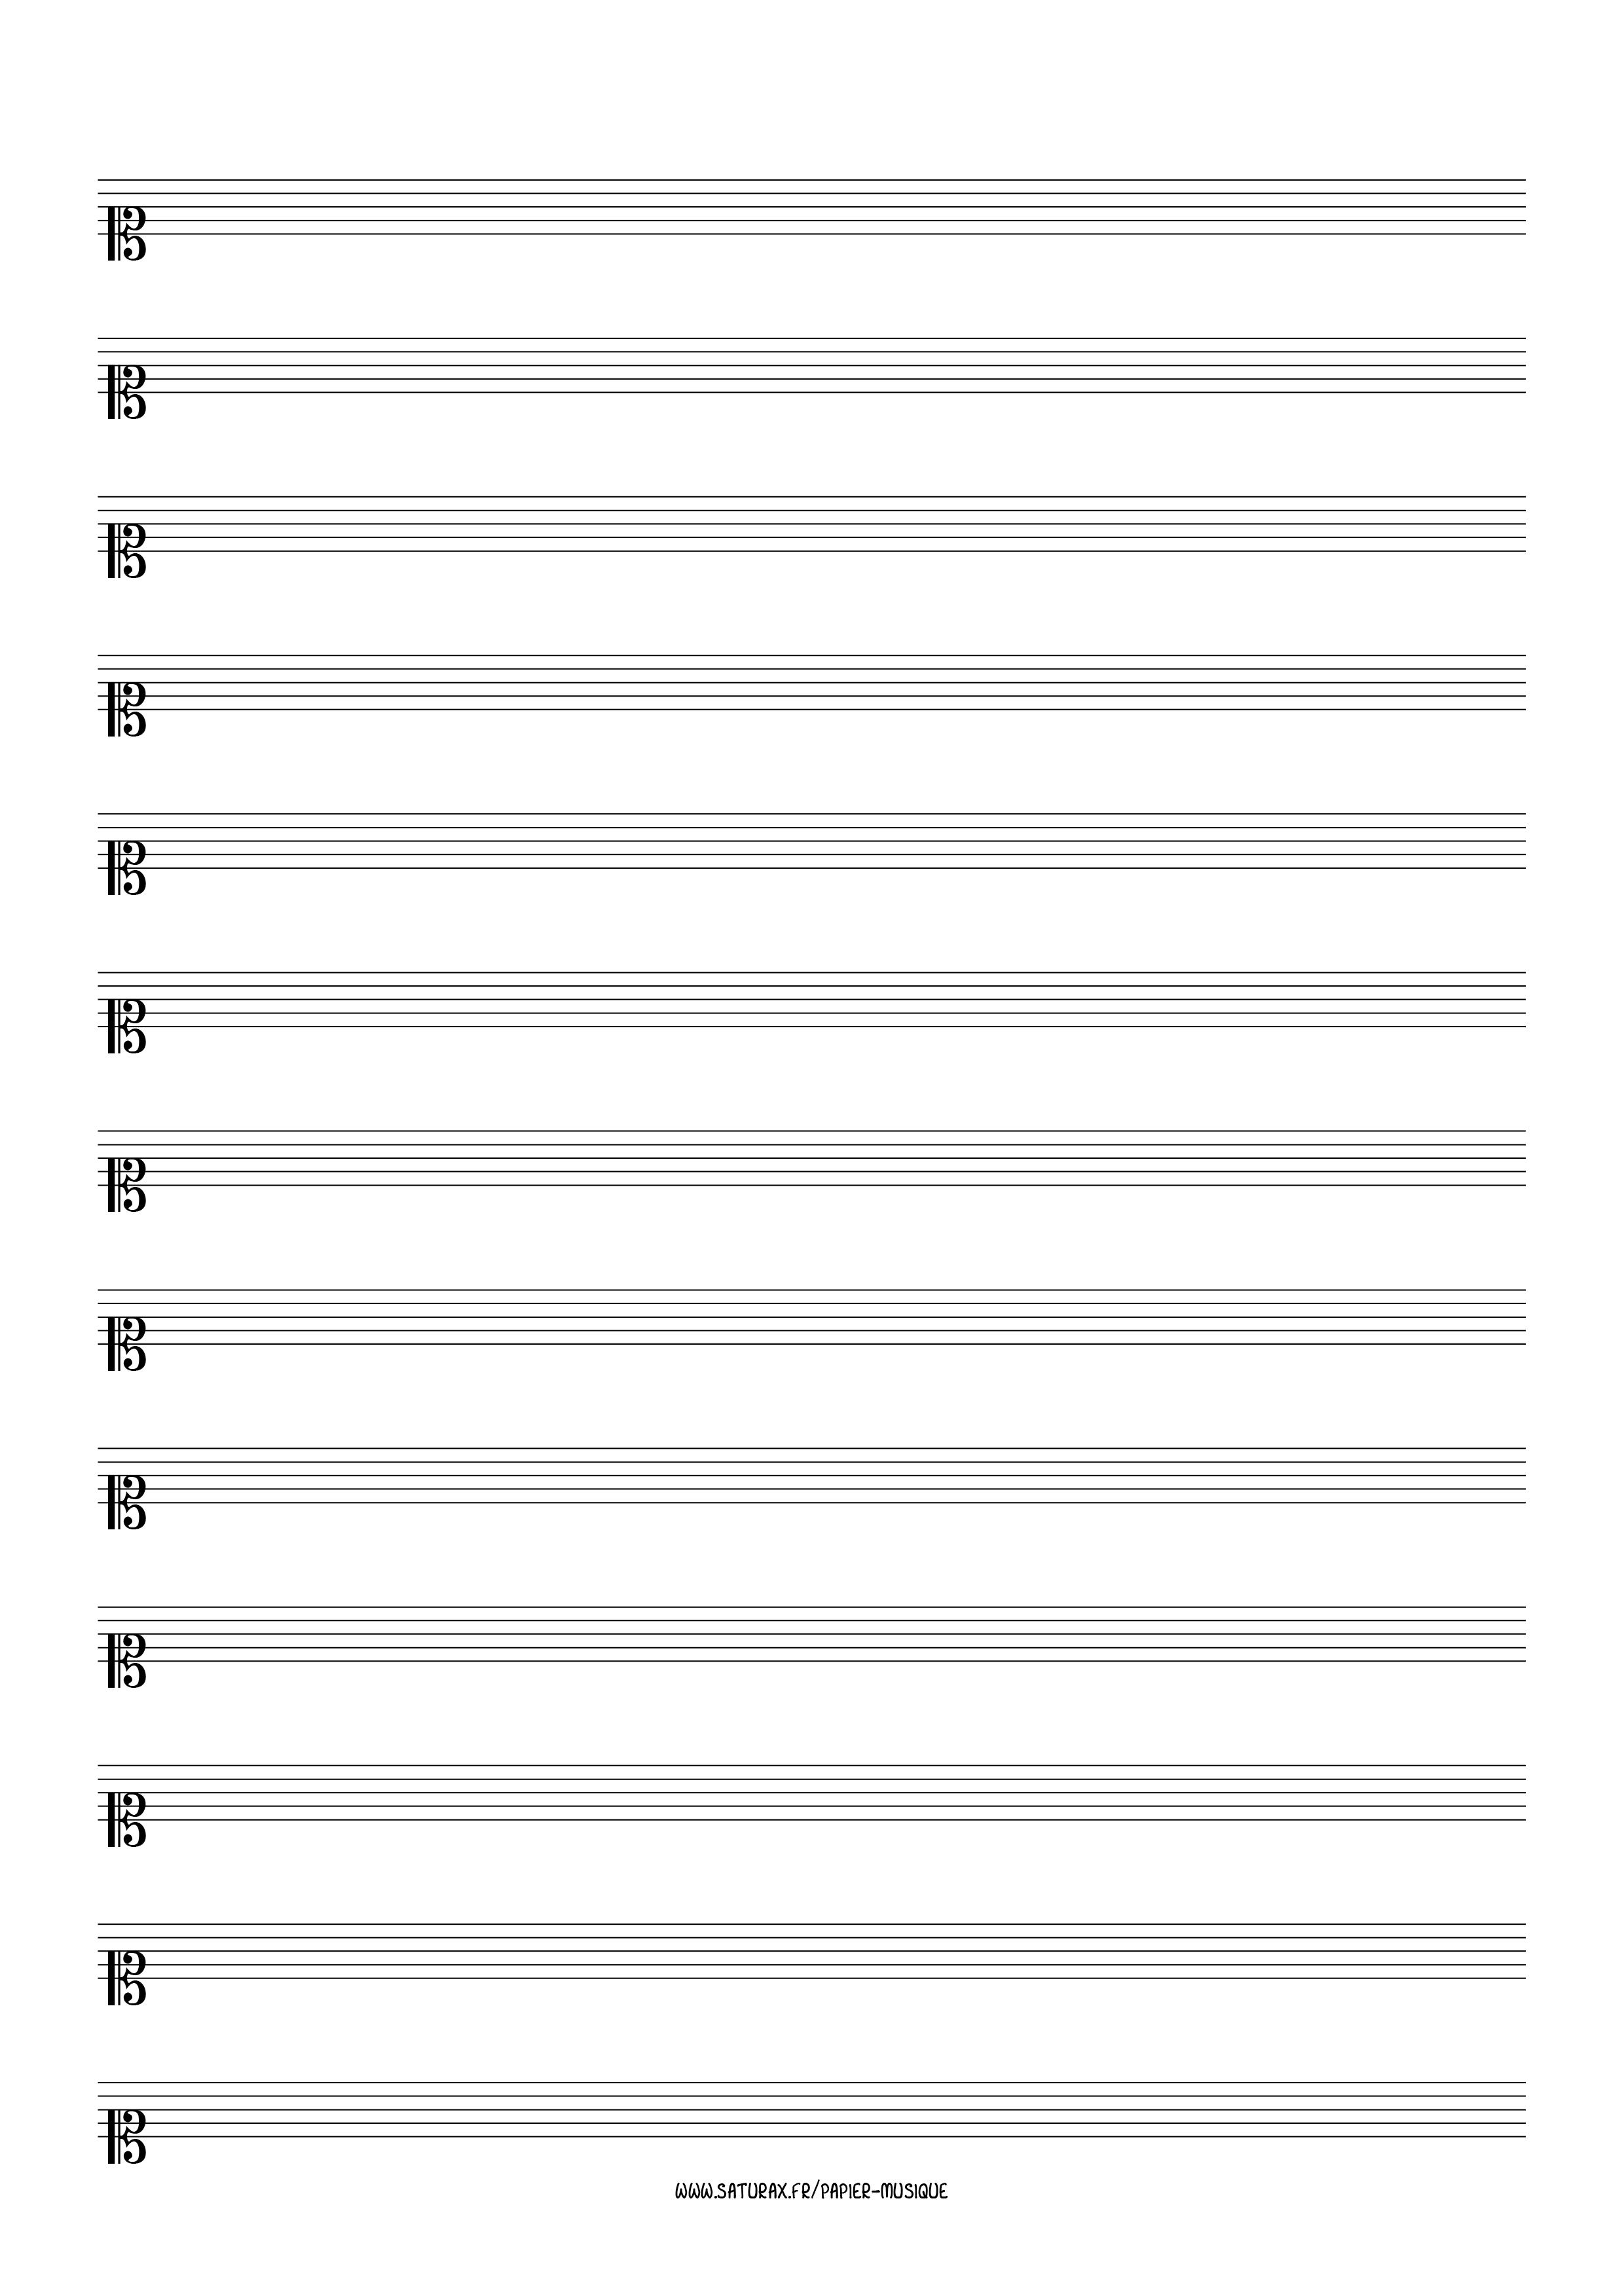 papier musique gratuit download pdf clé clef ut 1